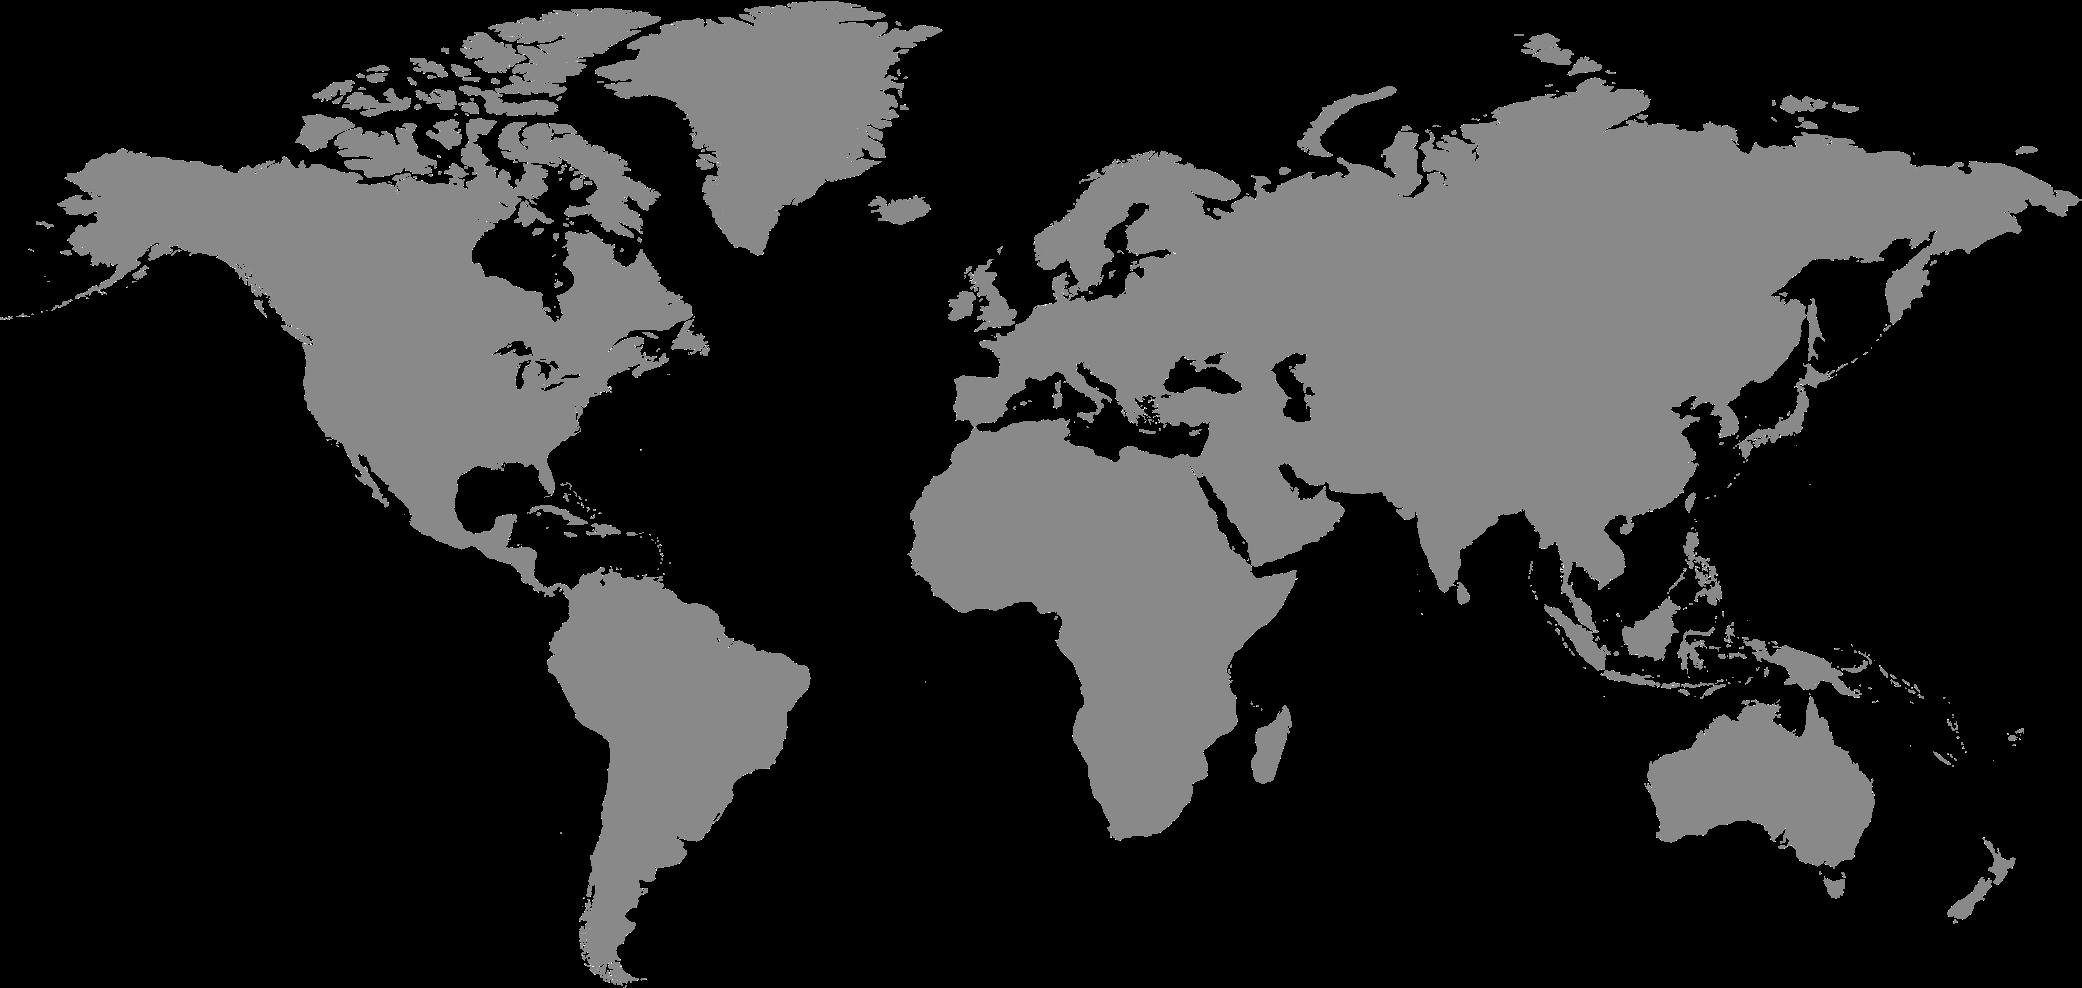 map_no-dots_mptb8a